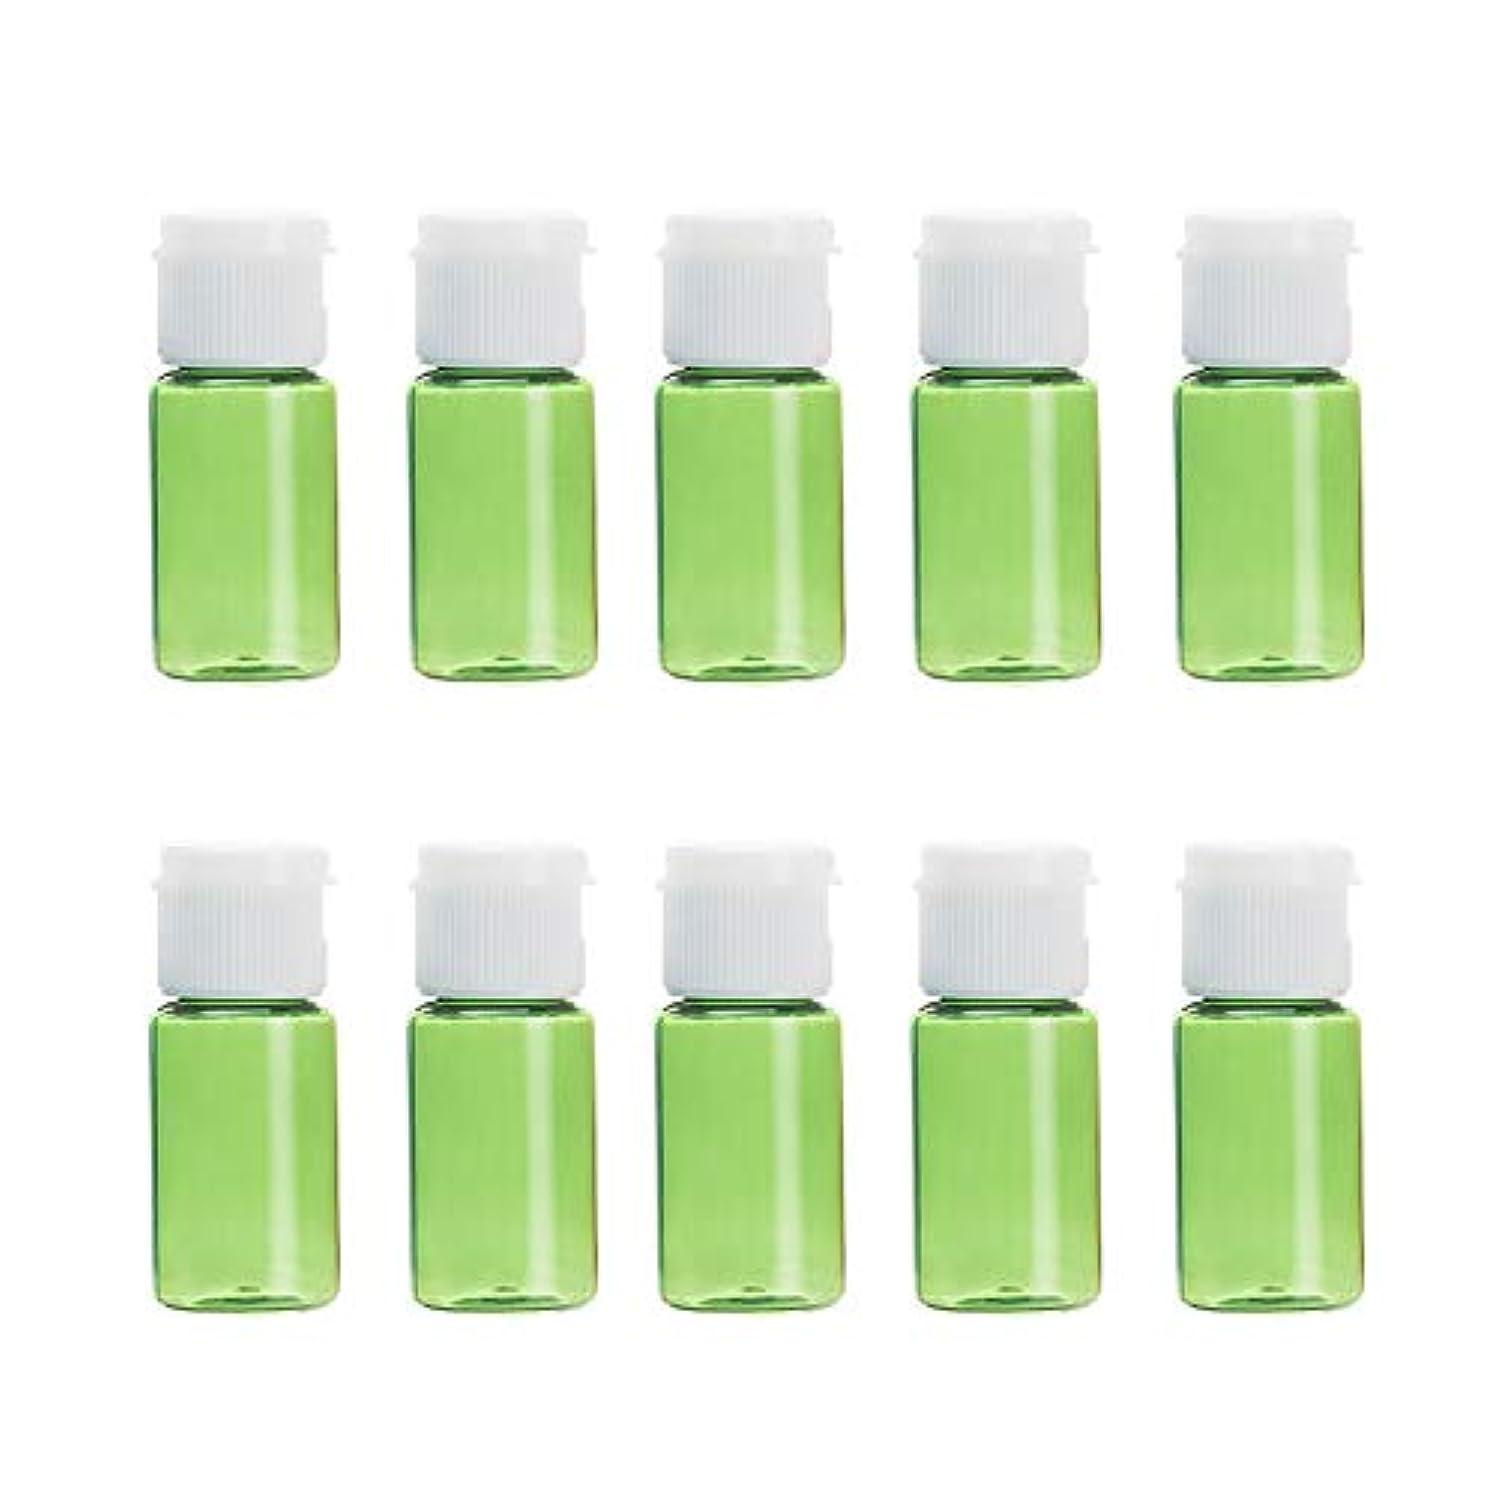 適格ゾーン魂Vi.yo 小分けボトル 香水ボトル 化粧水 詰替用ボトル 携帯用 旅行用品 10ml 10本セット グリーン